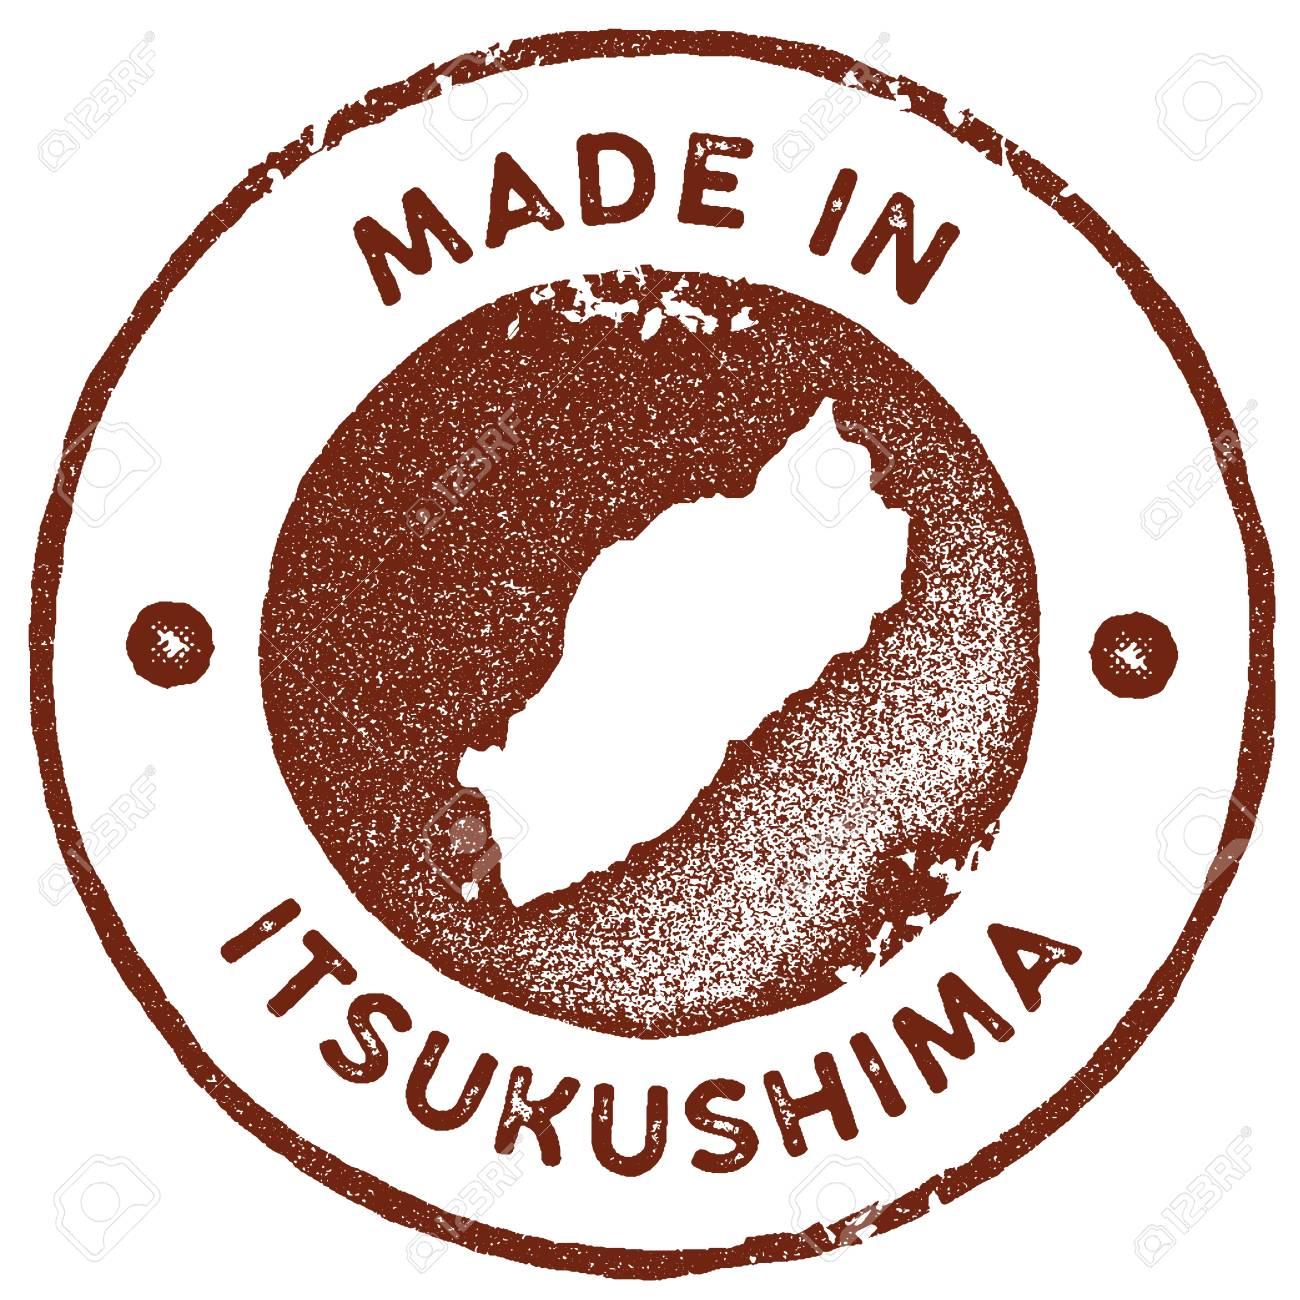 Itsukushima Map Vintage Stamp Retro Style Handmade Label Badge